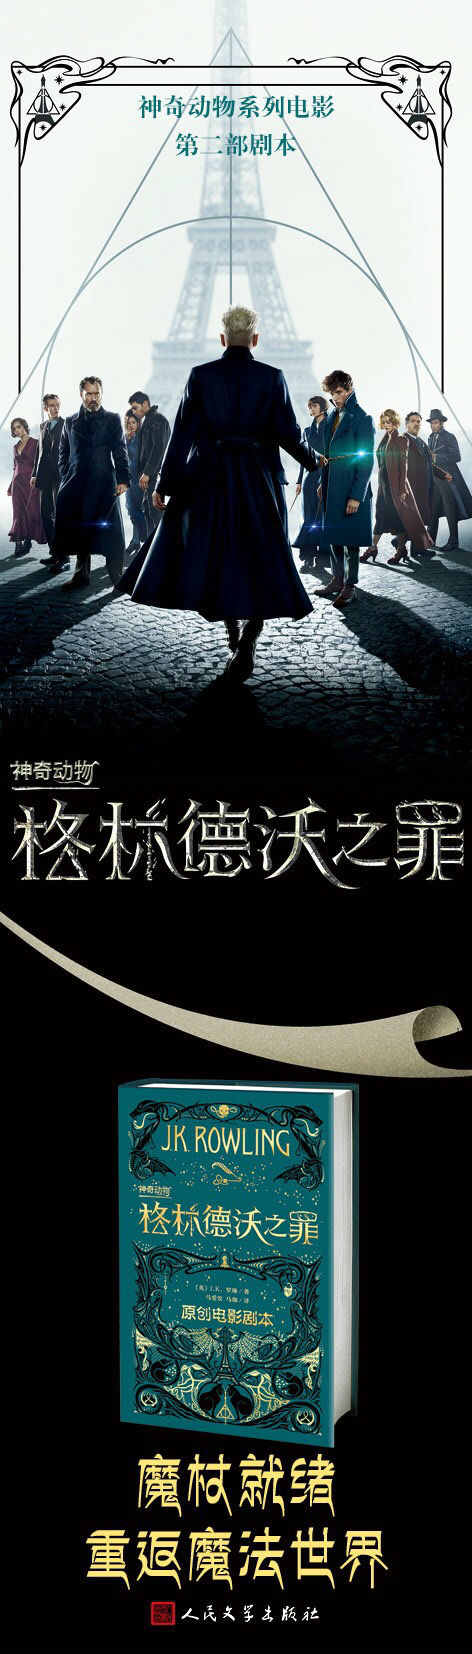 《神奇动物:格林德沃之罪》原创电影剧本中文简体字版由人民文学出版社出版